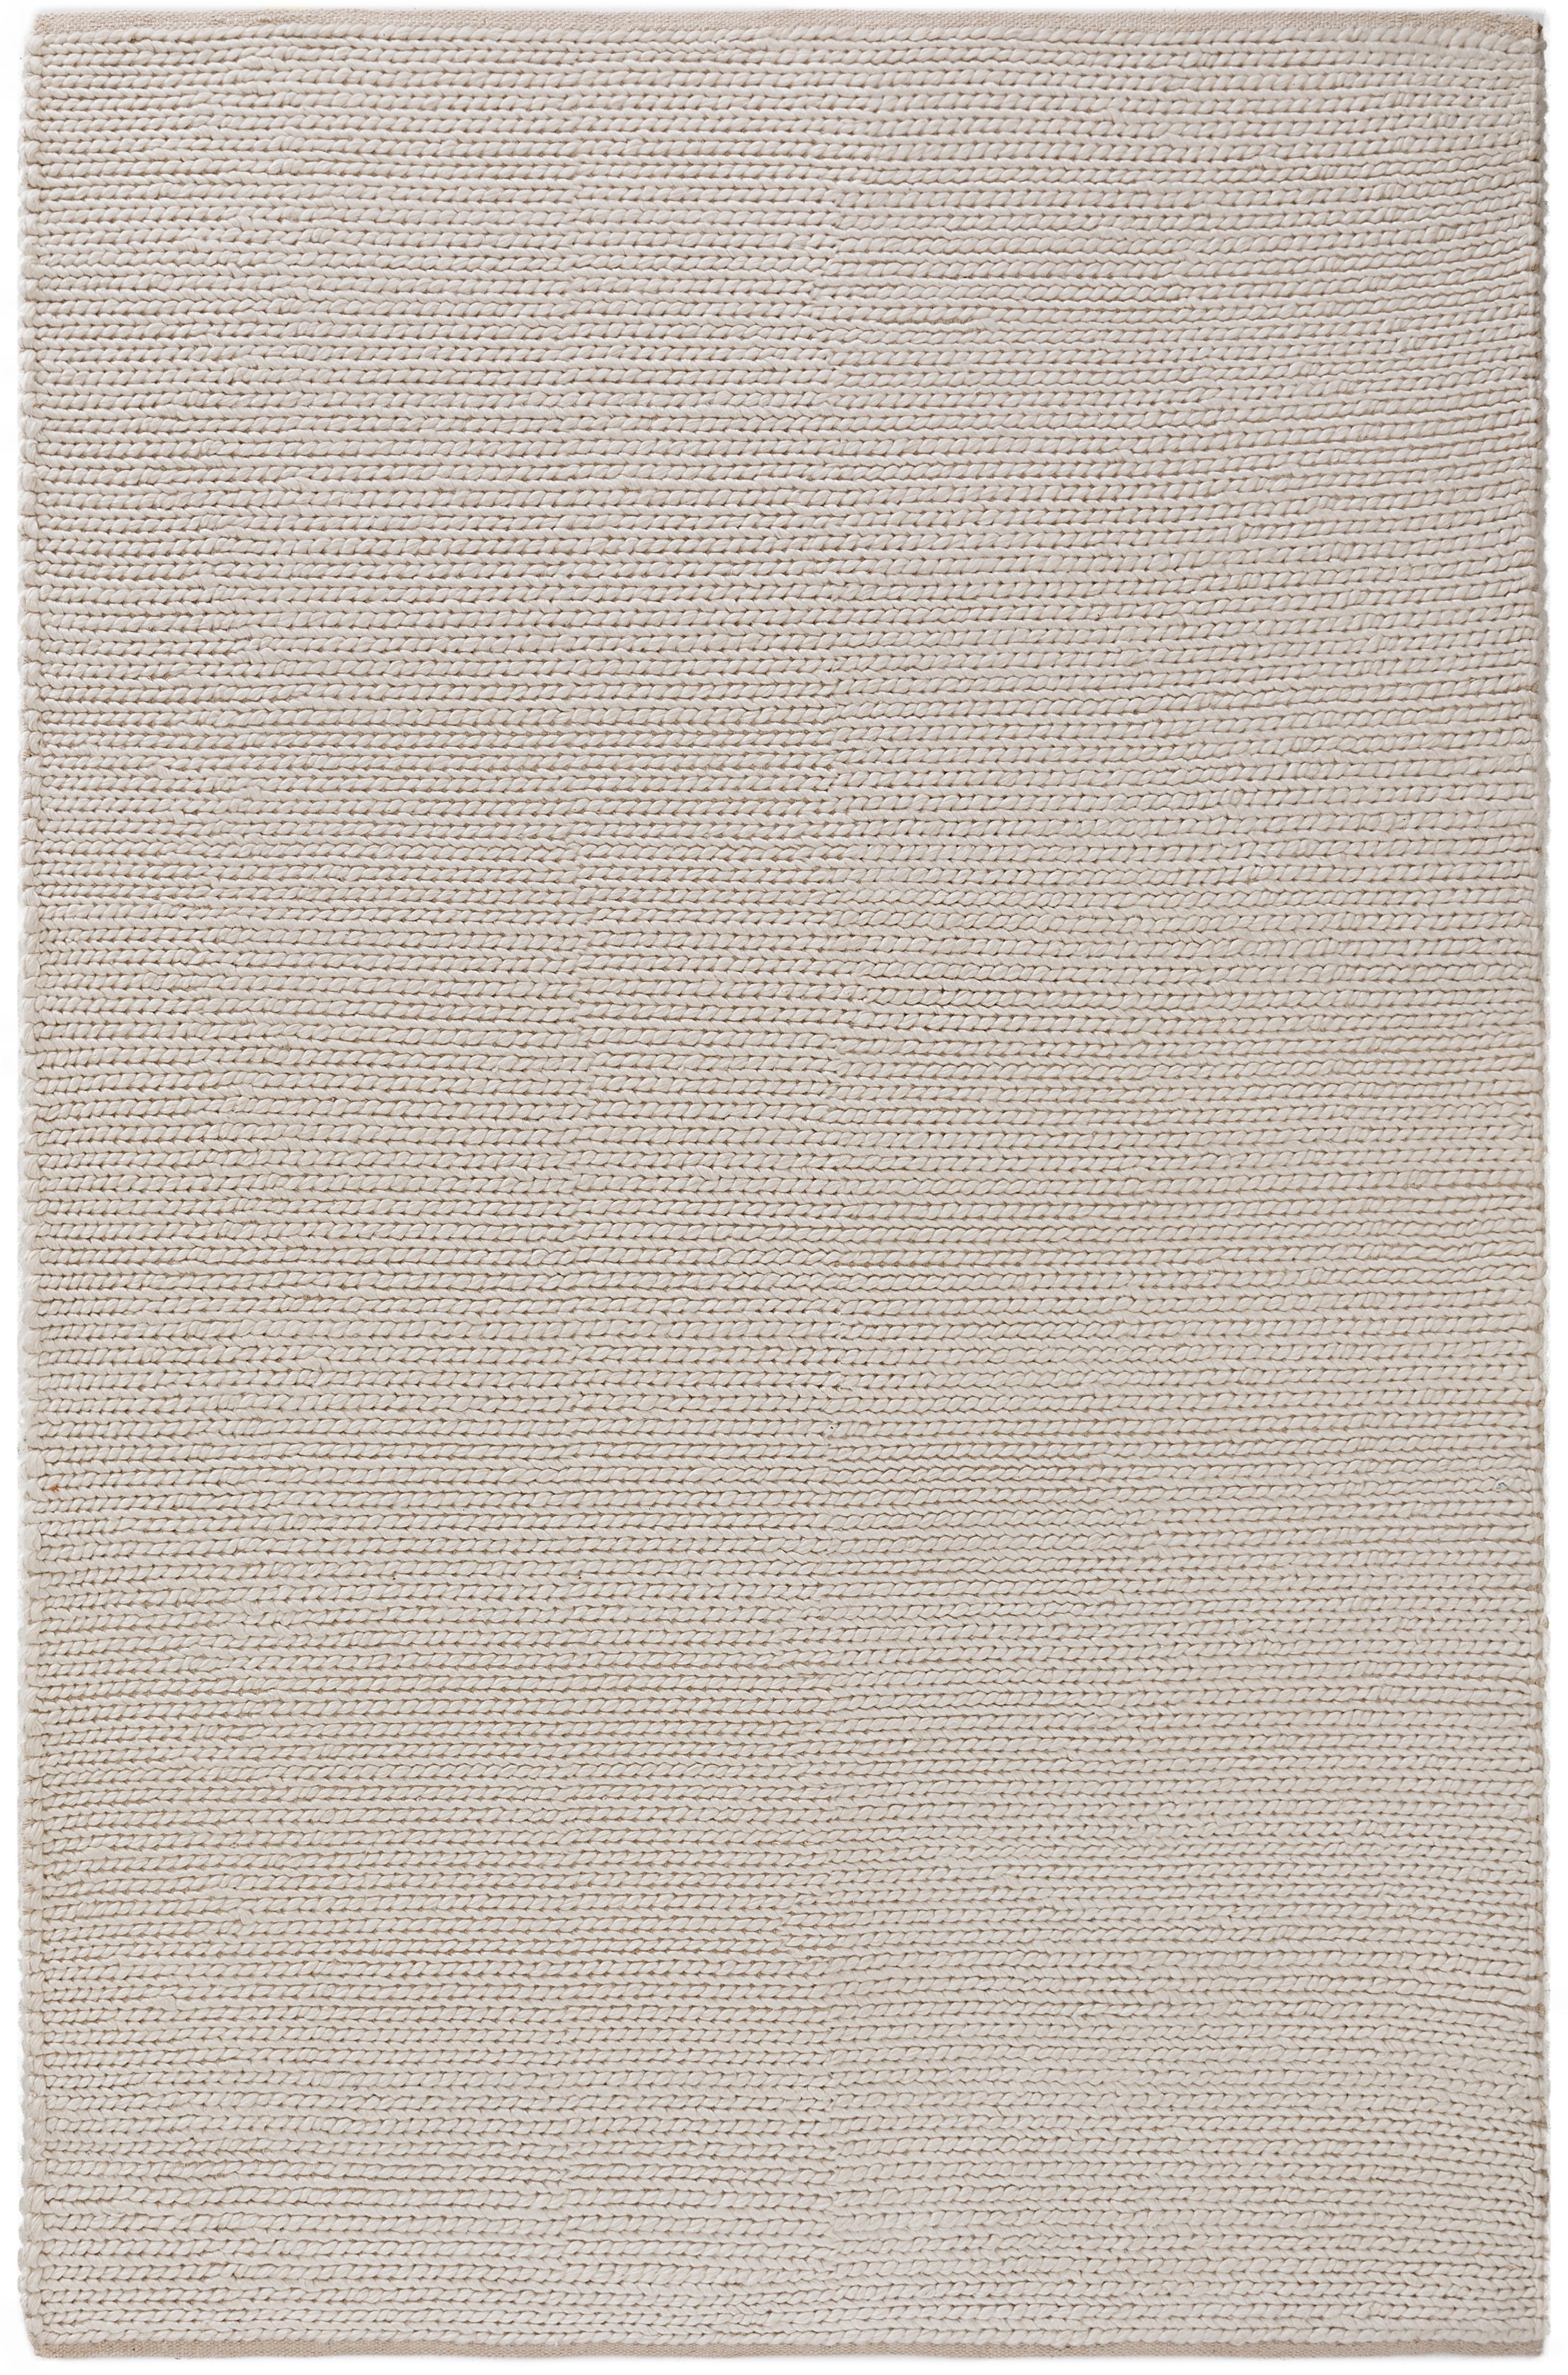 Handgewebter Wollteppich Uno in Creme mit geflochtener Struktur, Flor: 60% Wolle, 40% Polyester, Creme, B 160 x L 230 cm (Größe M)